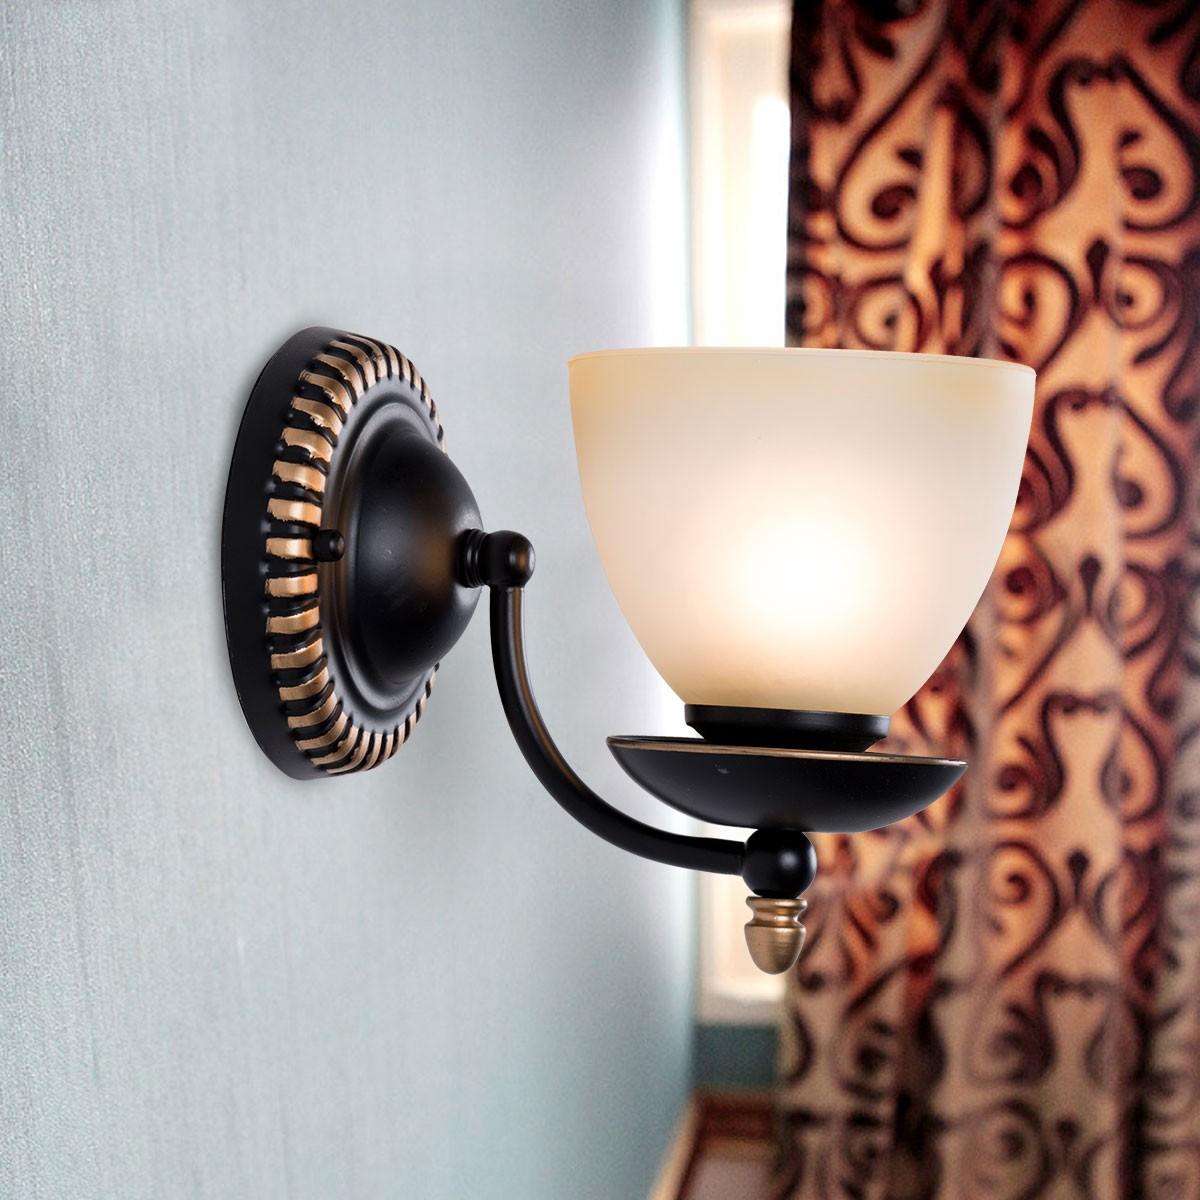 Lustre en Fer Forgé avec Abat-jour en Verre à 1 Ampoule - Noir (DK-2037-1W)